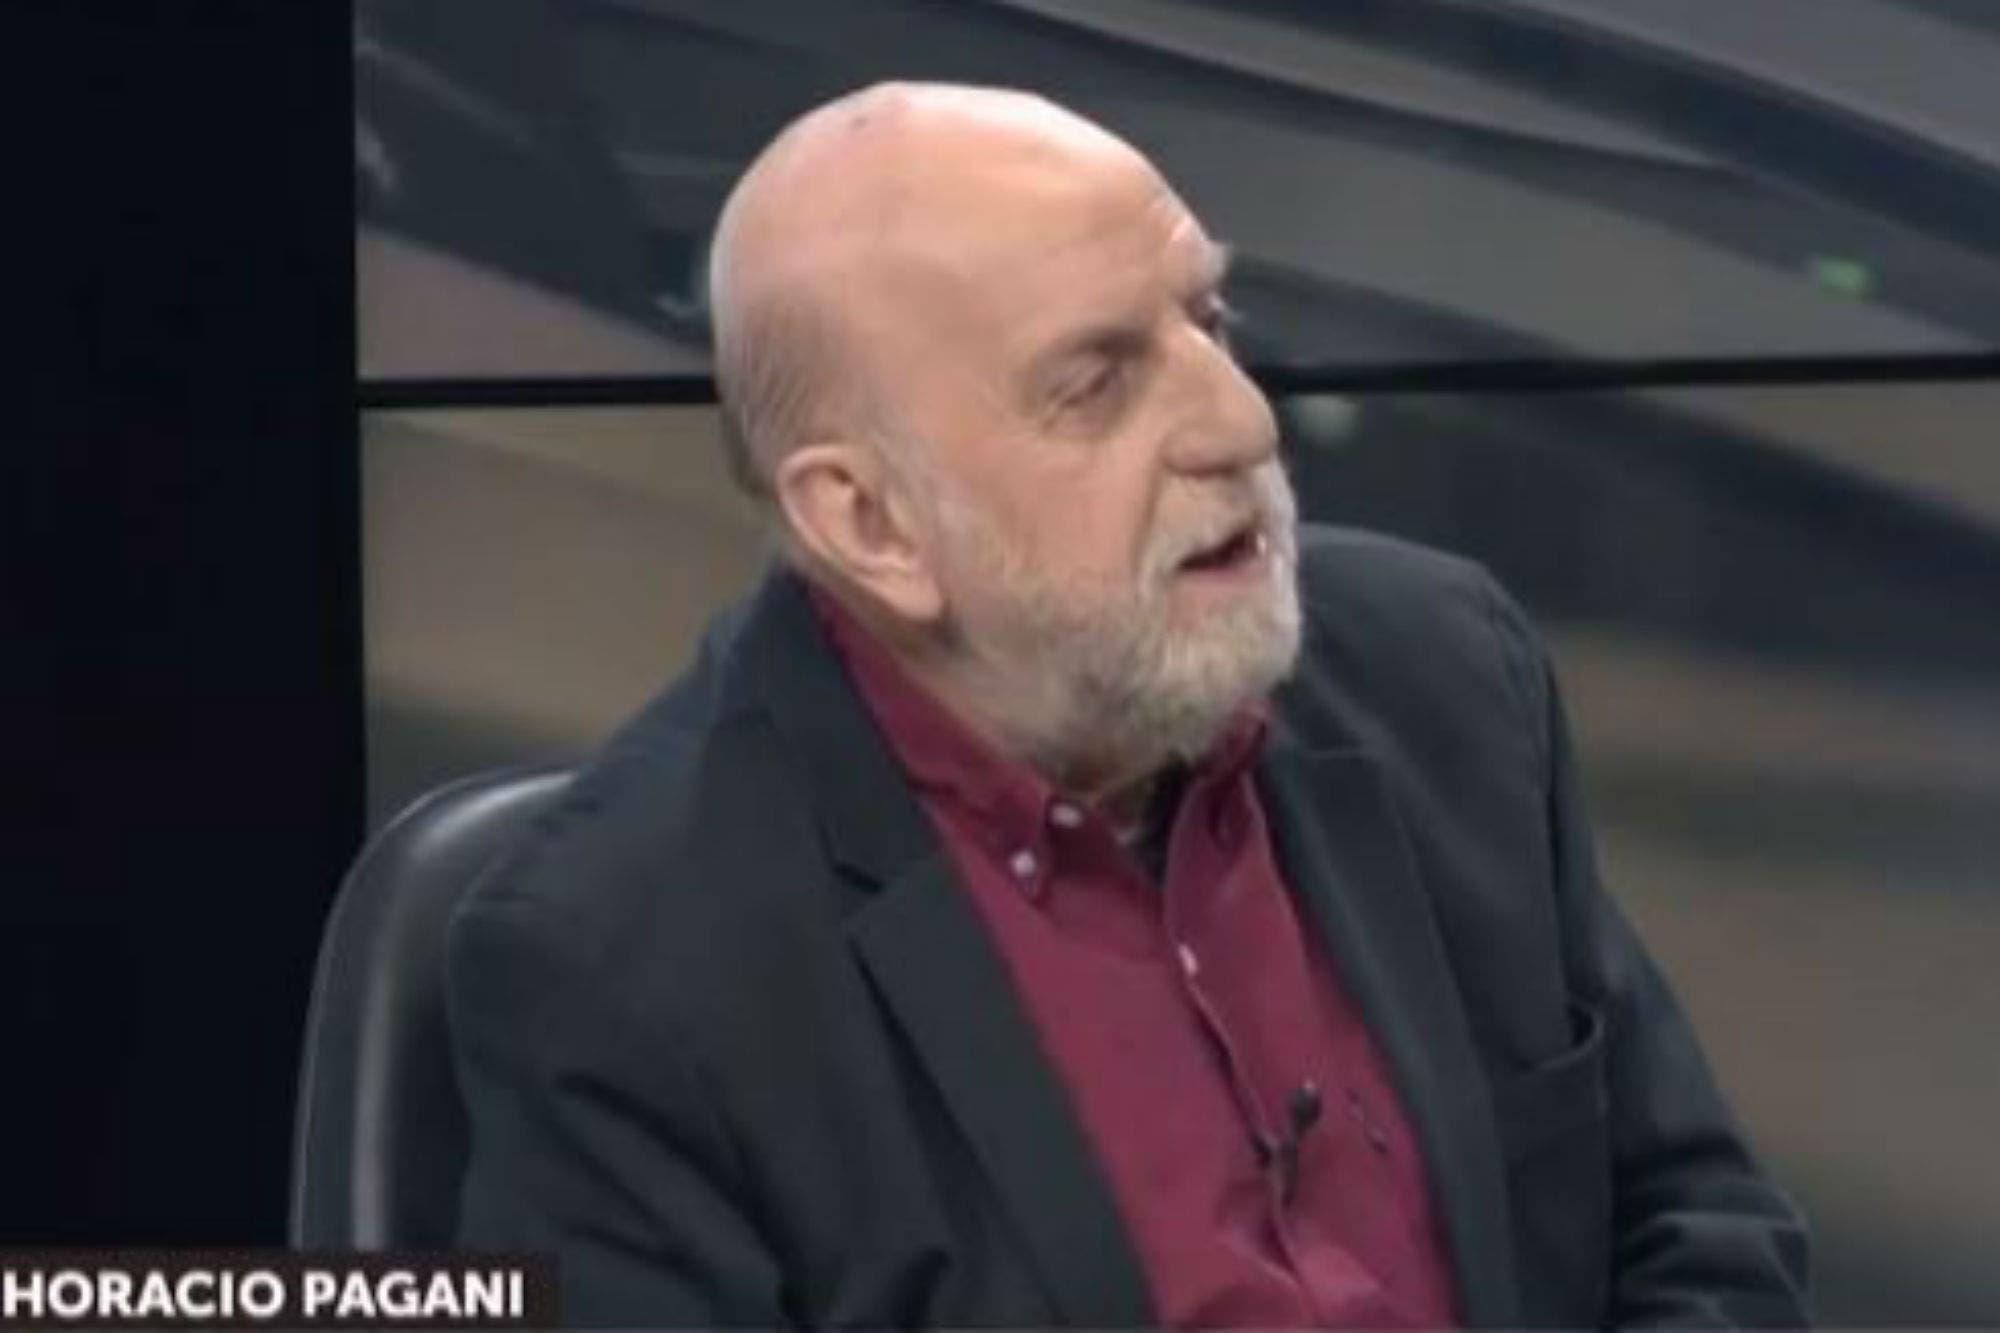 """La inesperada confesión de Horacio Pagani: """"Nadie sabe más que yo de Viagra"""""""